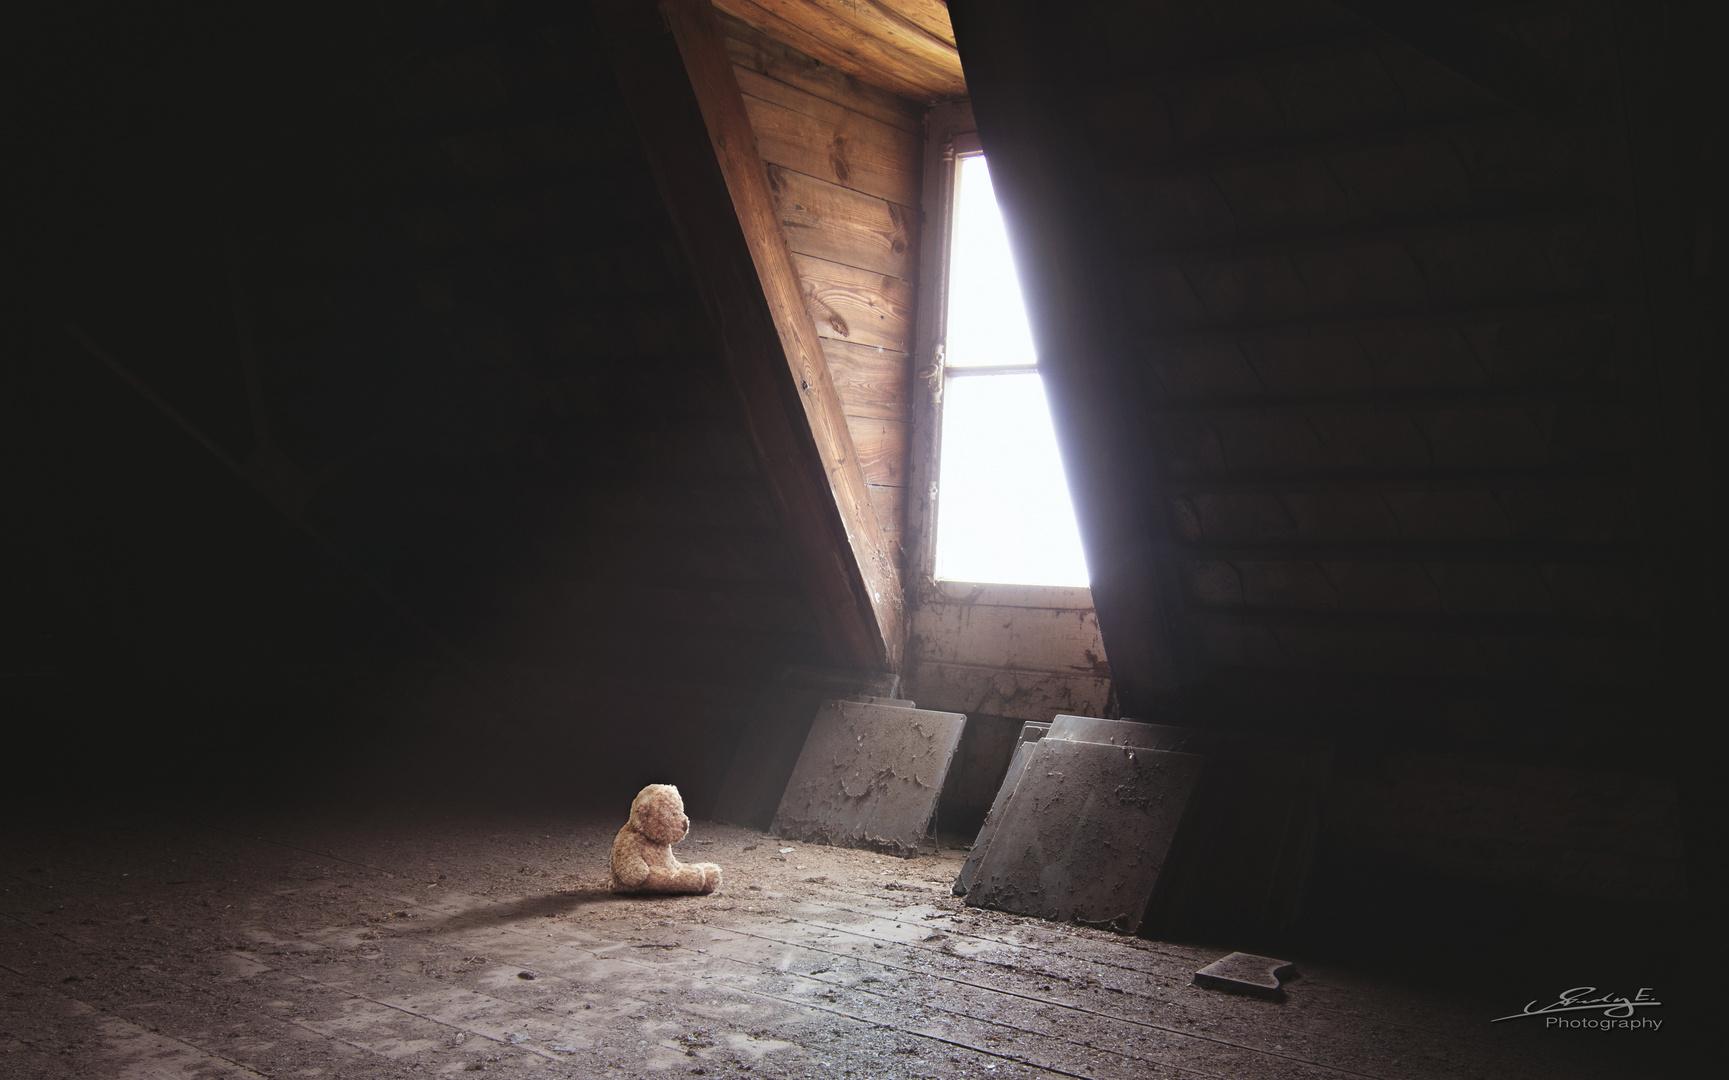 Einsam und verlassen Foto & Bild | emotionen, einsamkeit